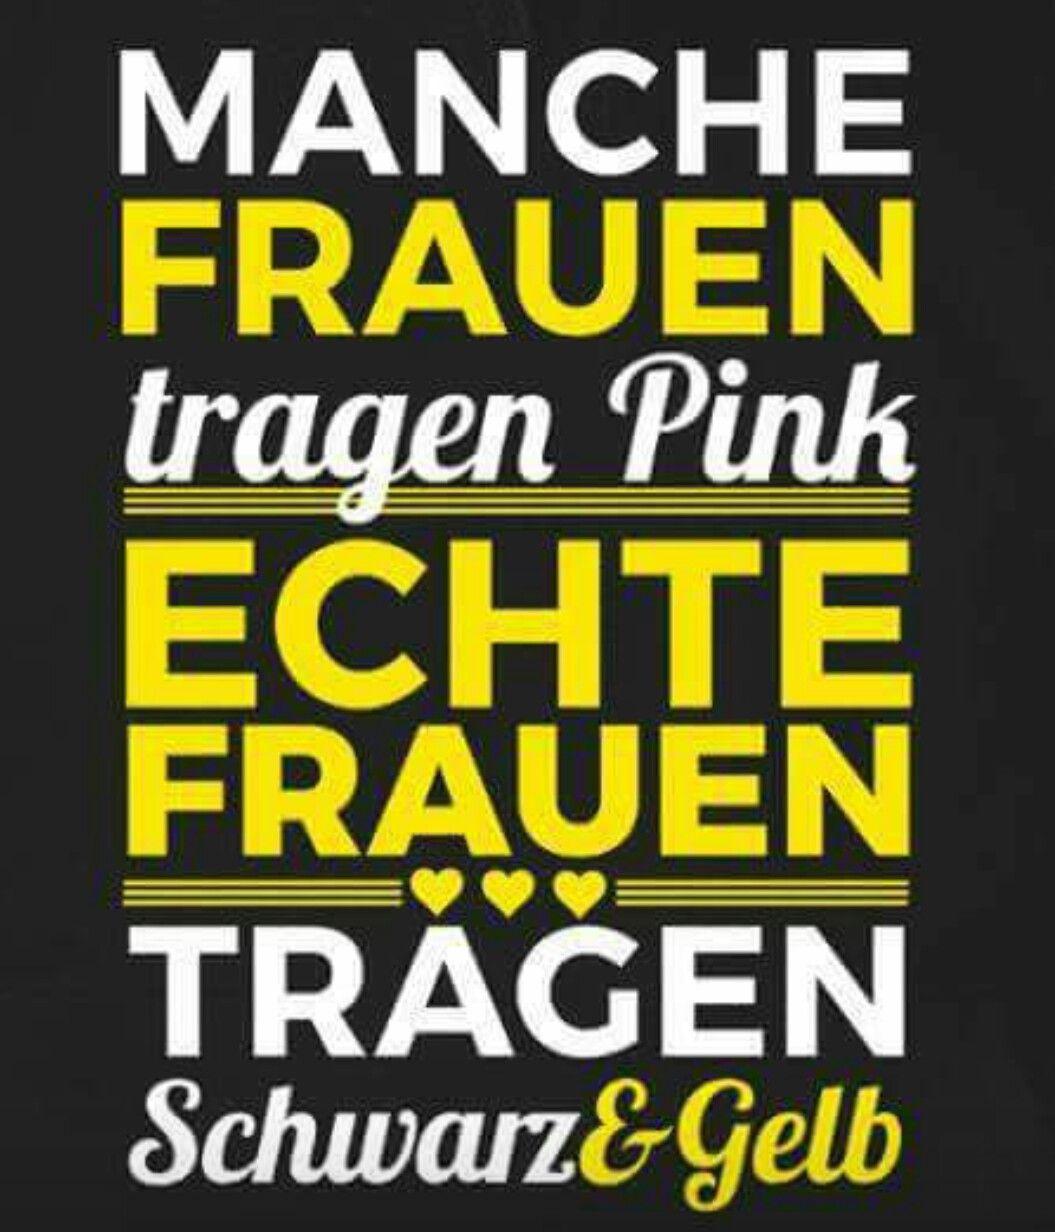 Und Auf Der Haut Bvb Borussia Bvb Bilder Und Bvb